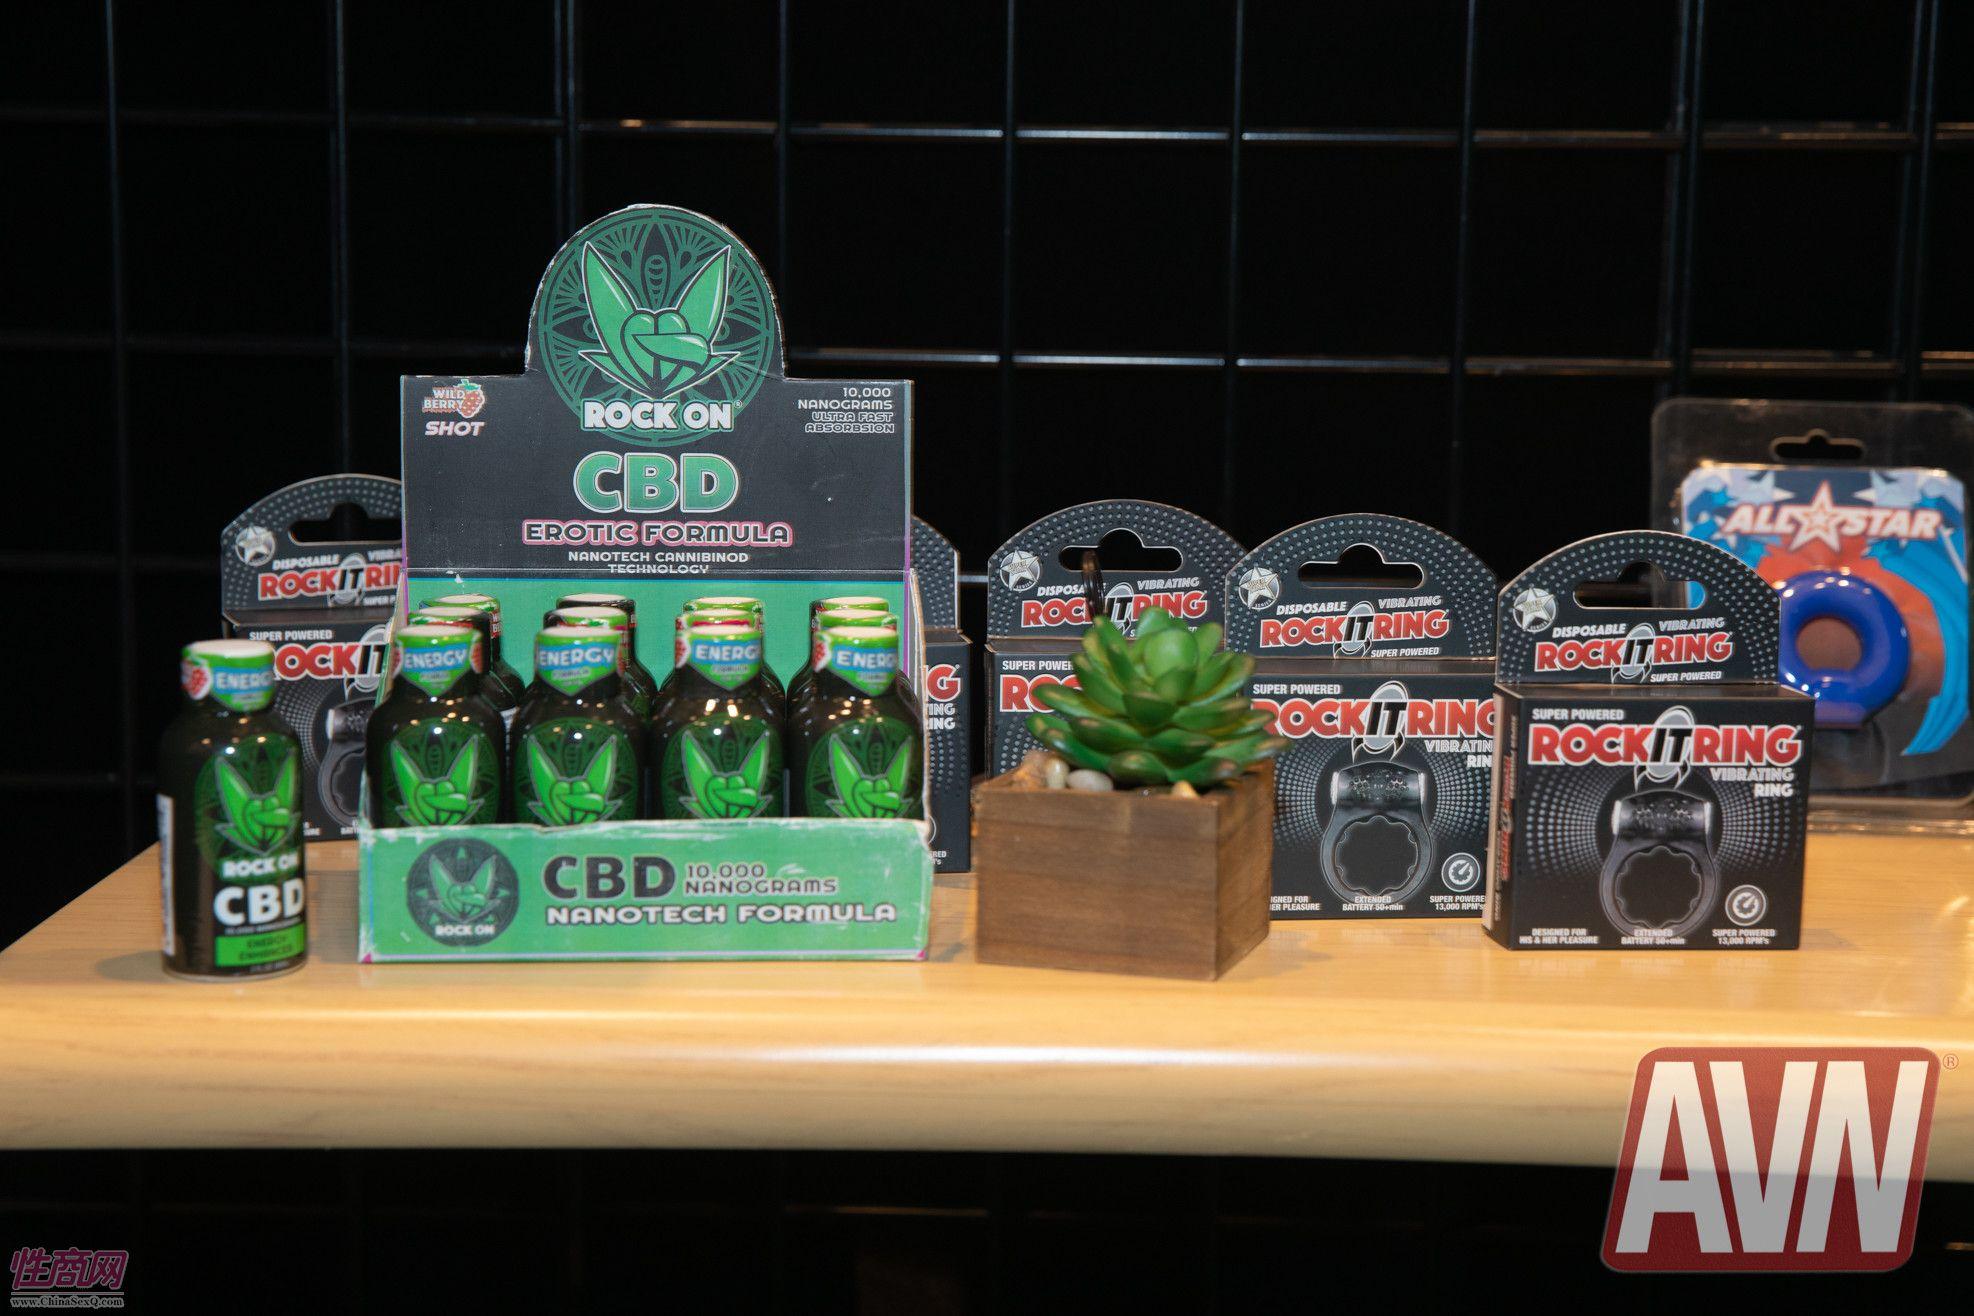 近两年在欧美流行的CBD产品